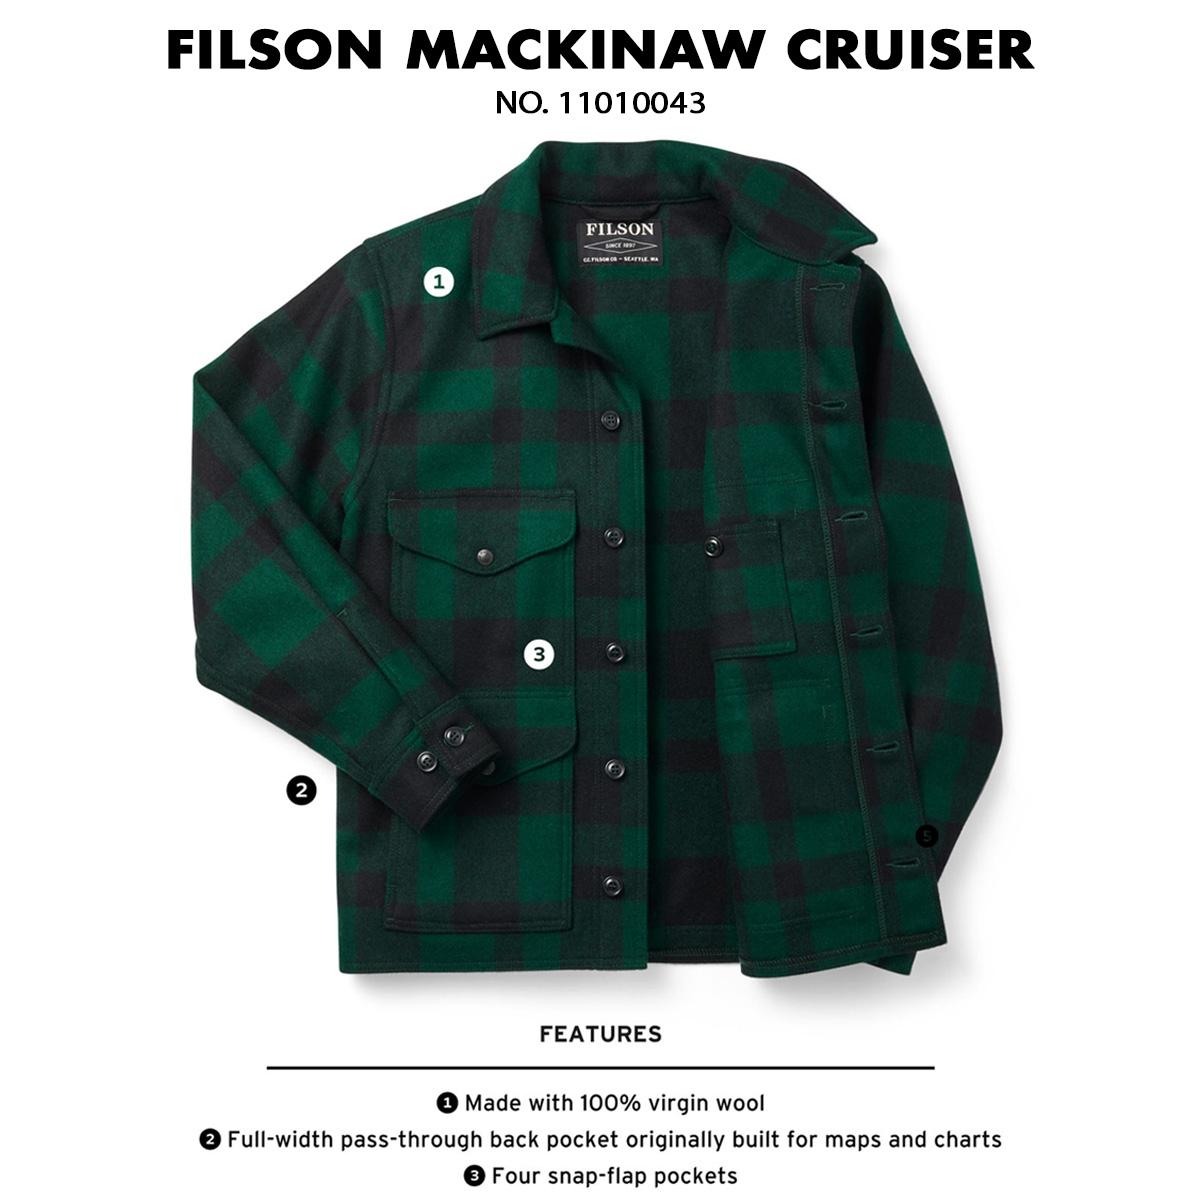 Filson Mackinaw Cruiser Jacket Green Black, patentiert in 1914 und noch immer gefragt, ist aus 100% virgin wool für mehr Komfort hergestellt